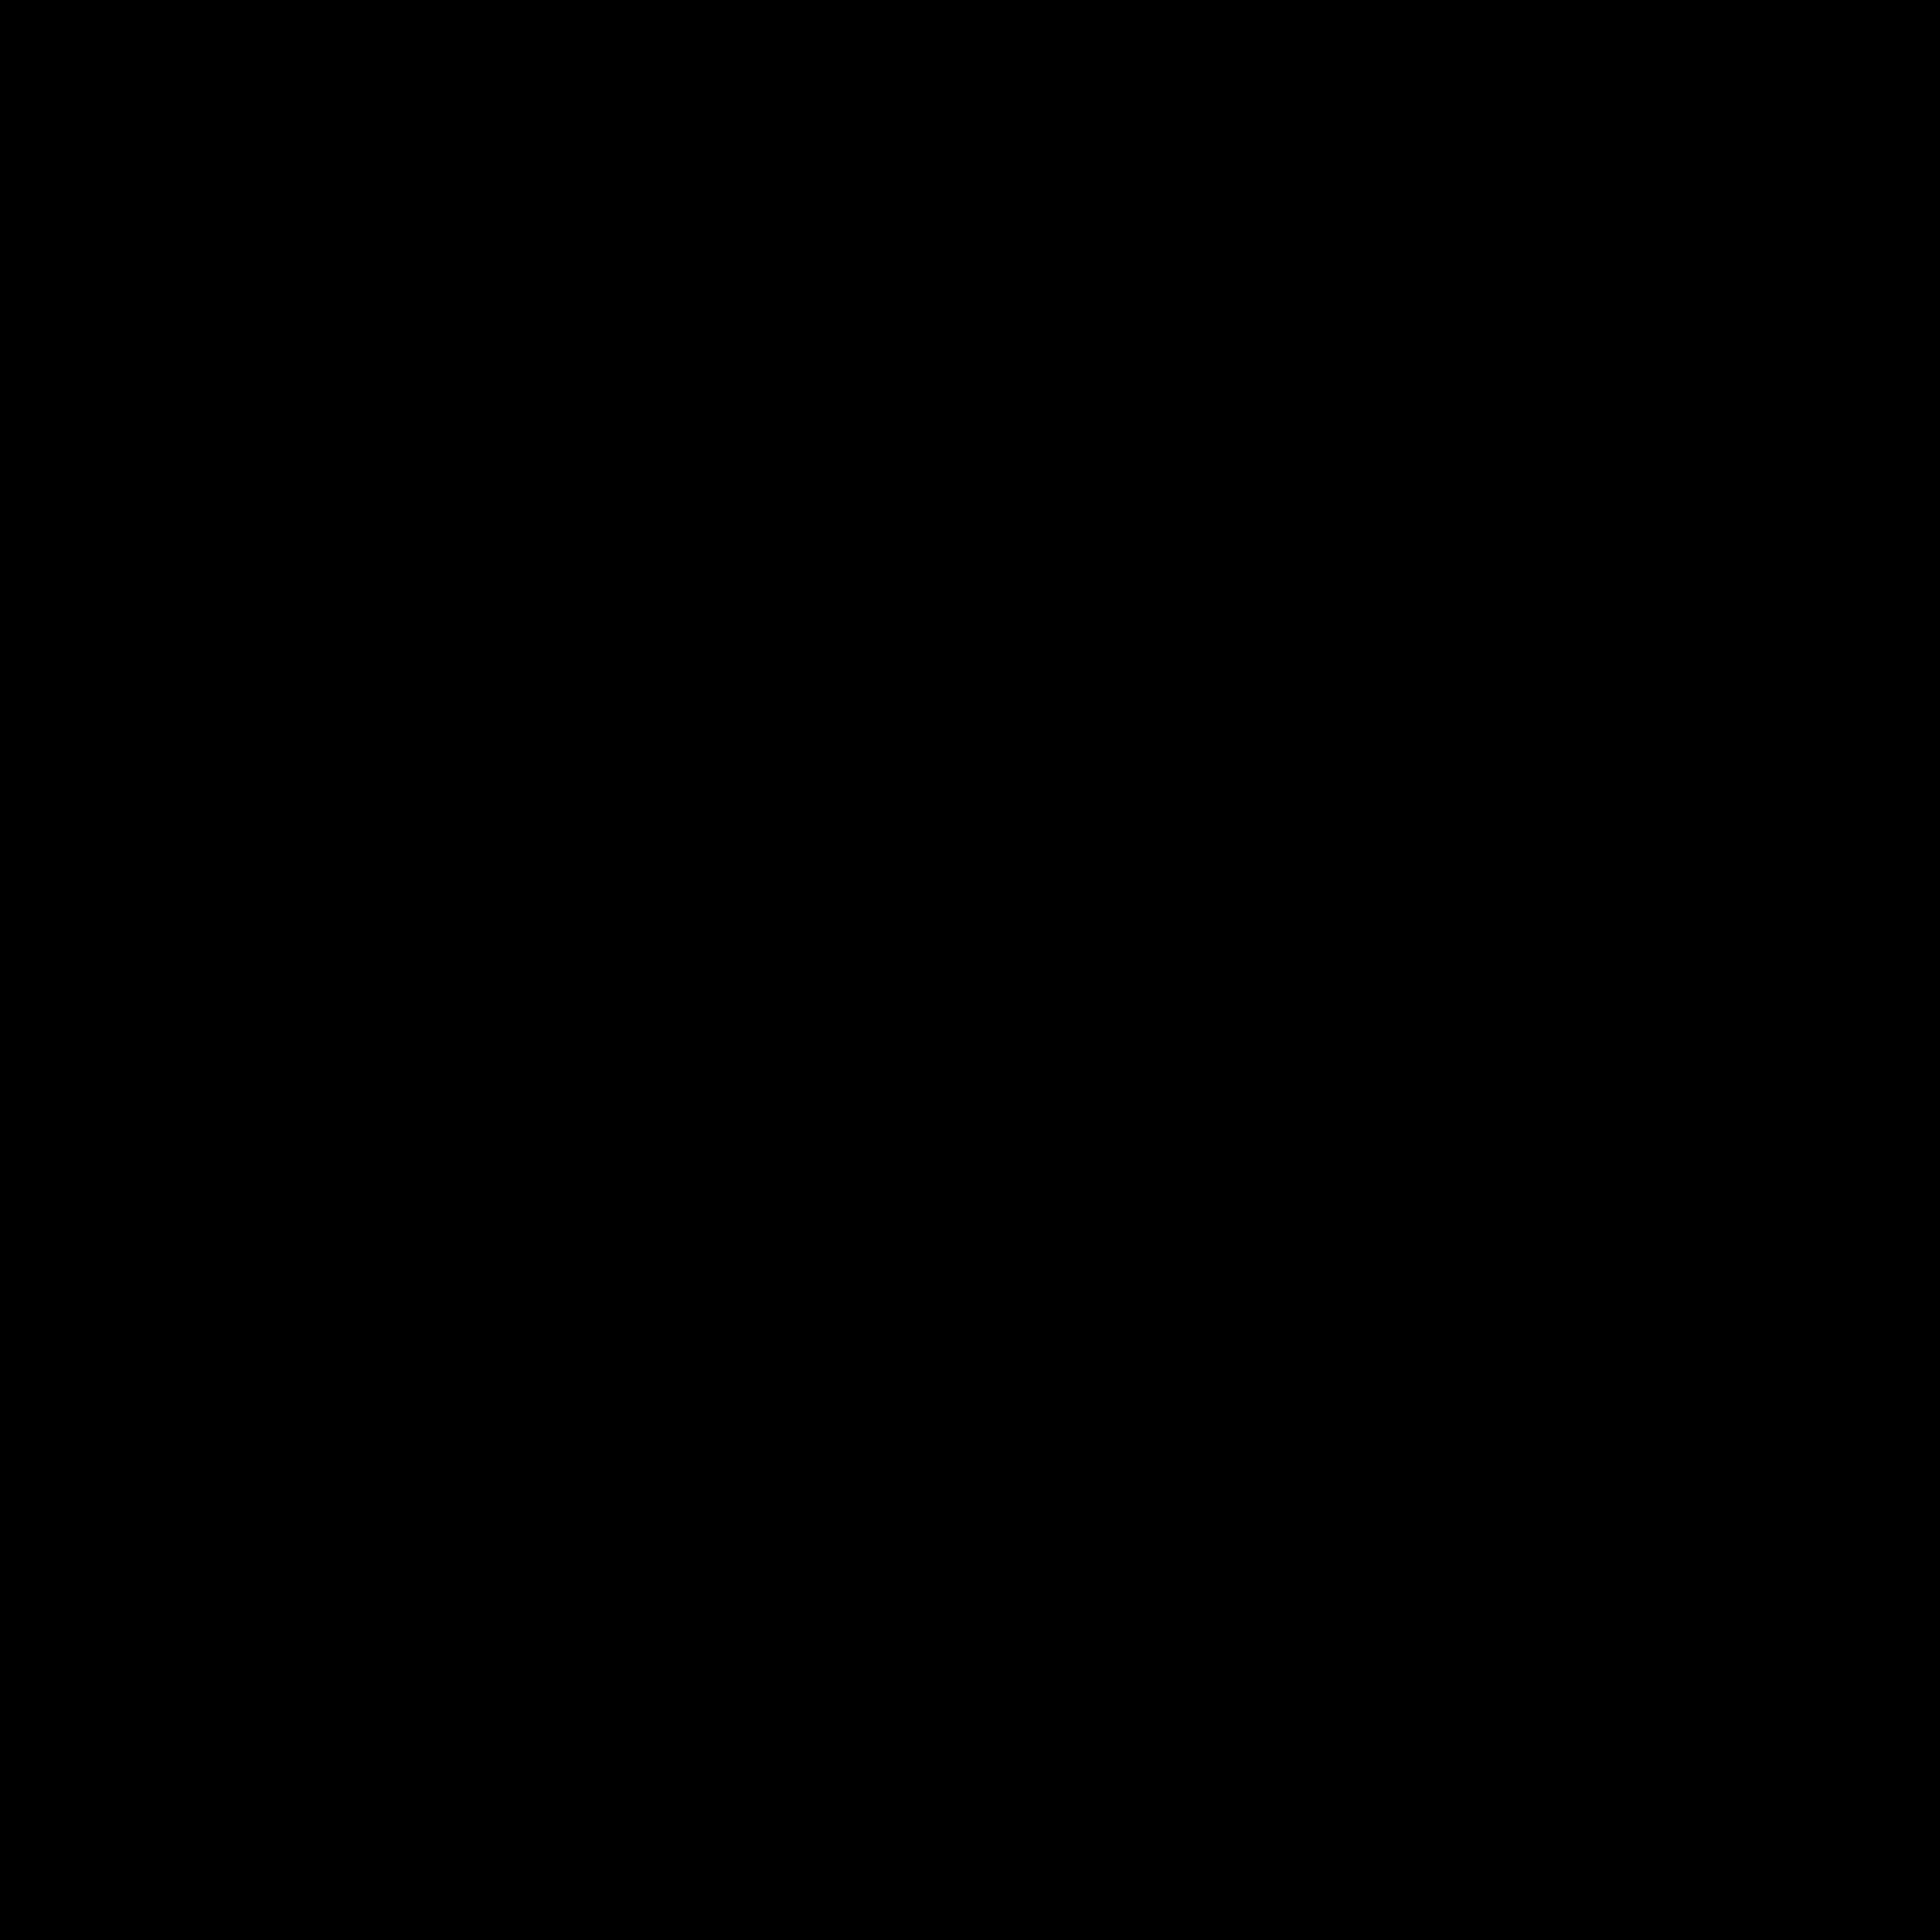 迪吉特量具四面带磁铁吸附超大屏数显倾角仪倾角盒角度尺